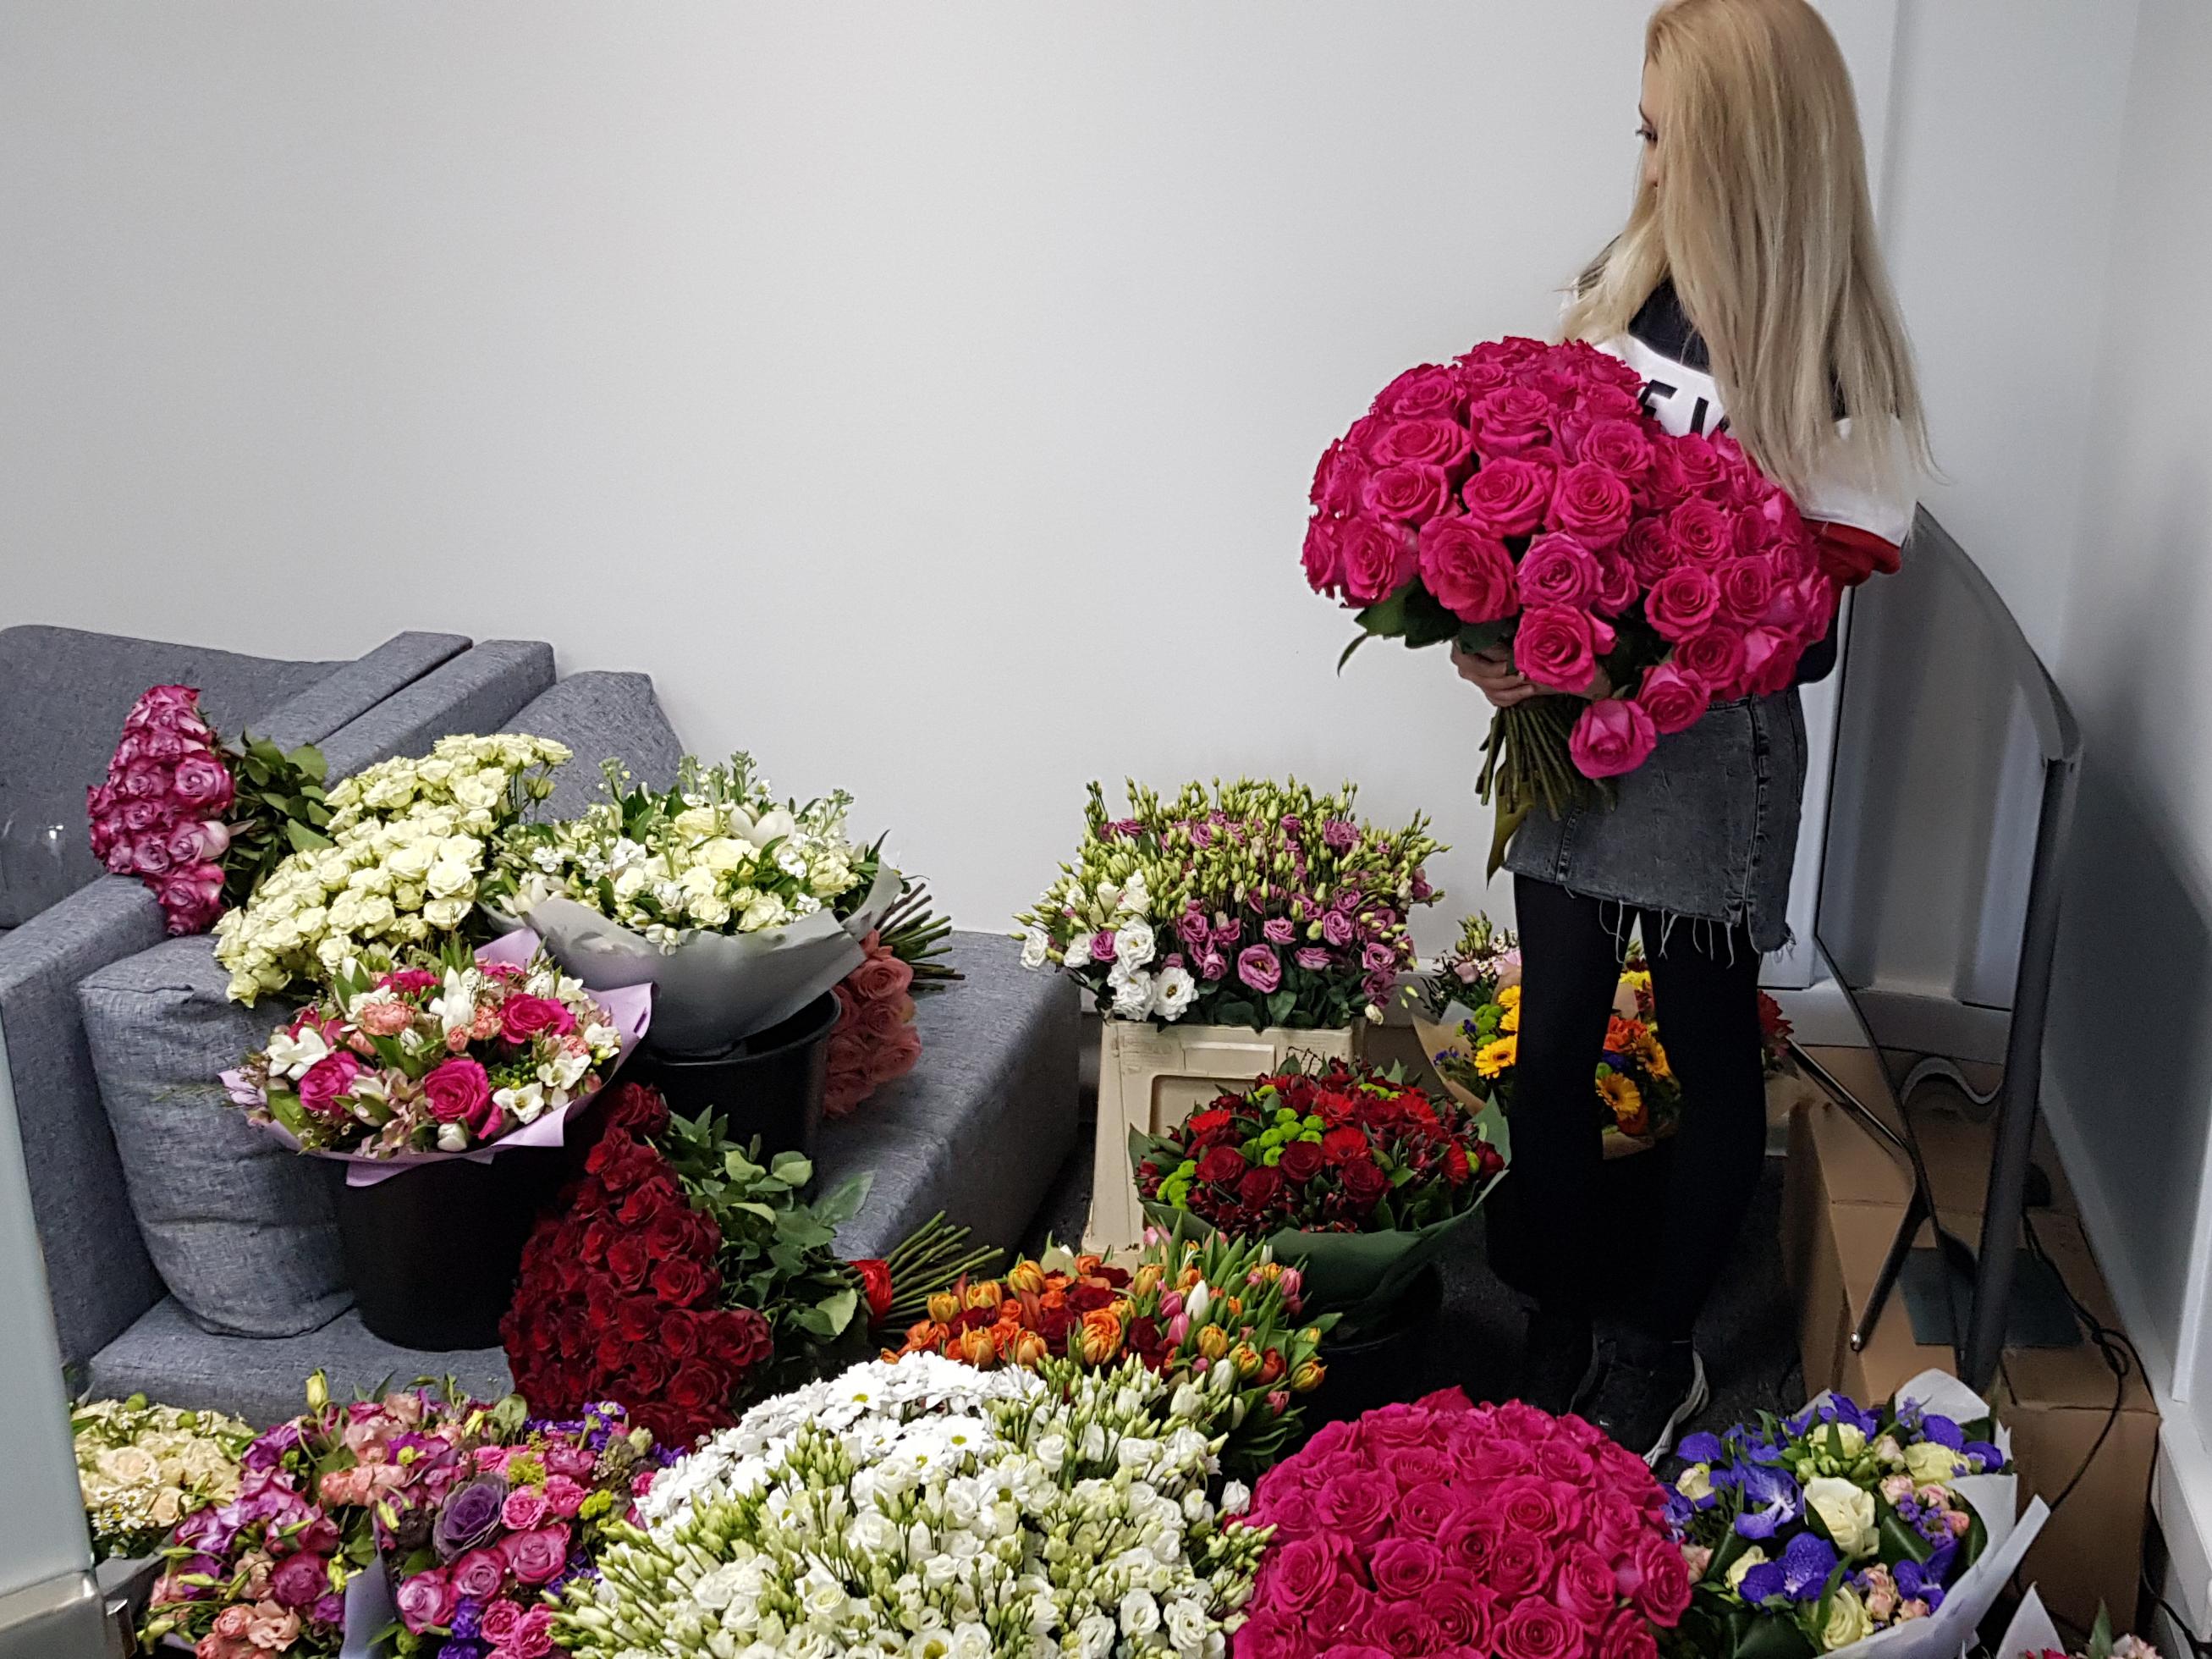 Цветы волгоградский проспект доставка, букет заказать алматы